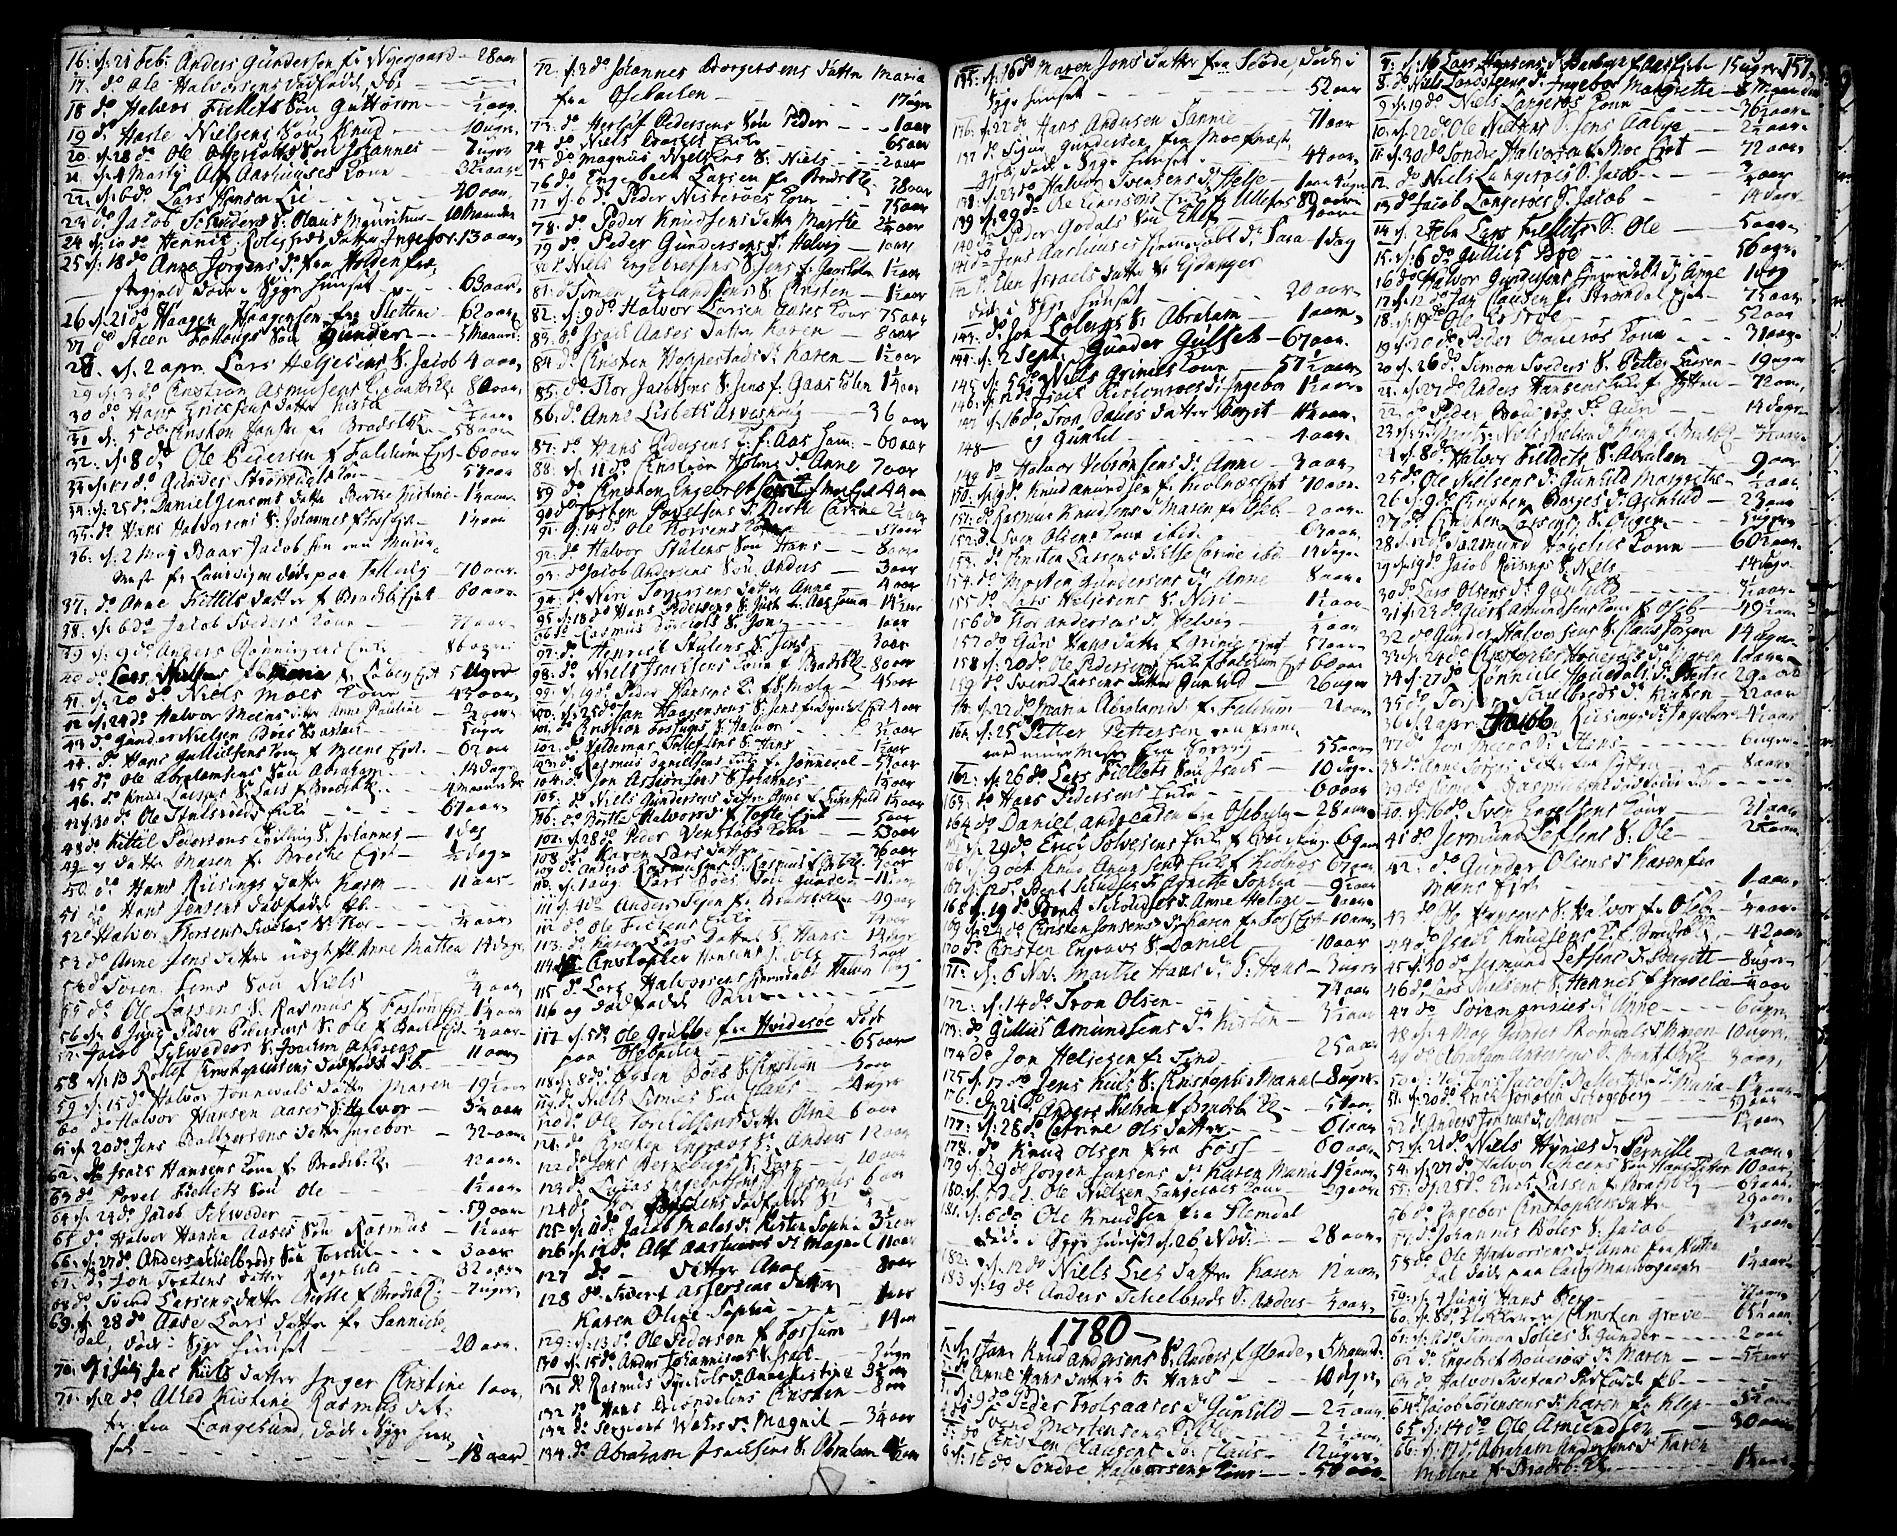 SAKO, Gjerpen kirkebøker, F/Fa/L0002: Ministerialbok nr. 2, 1747-1795, s. 157